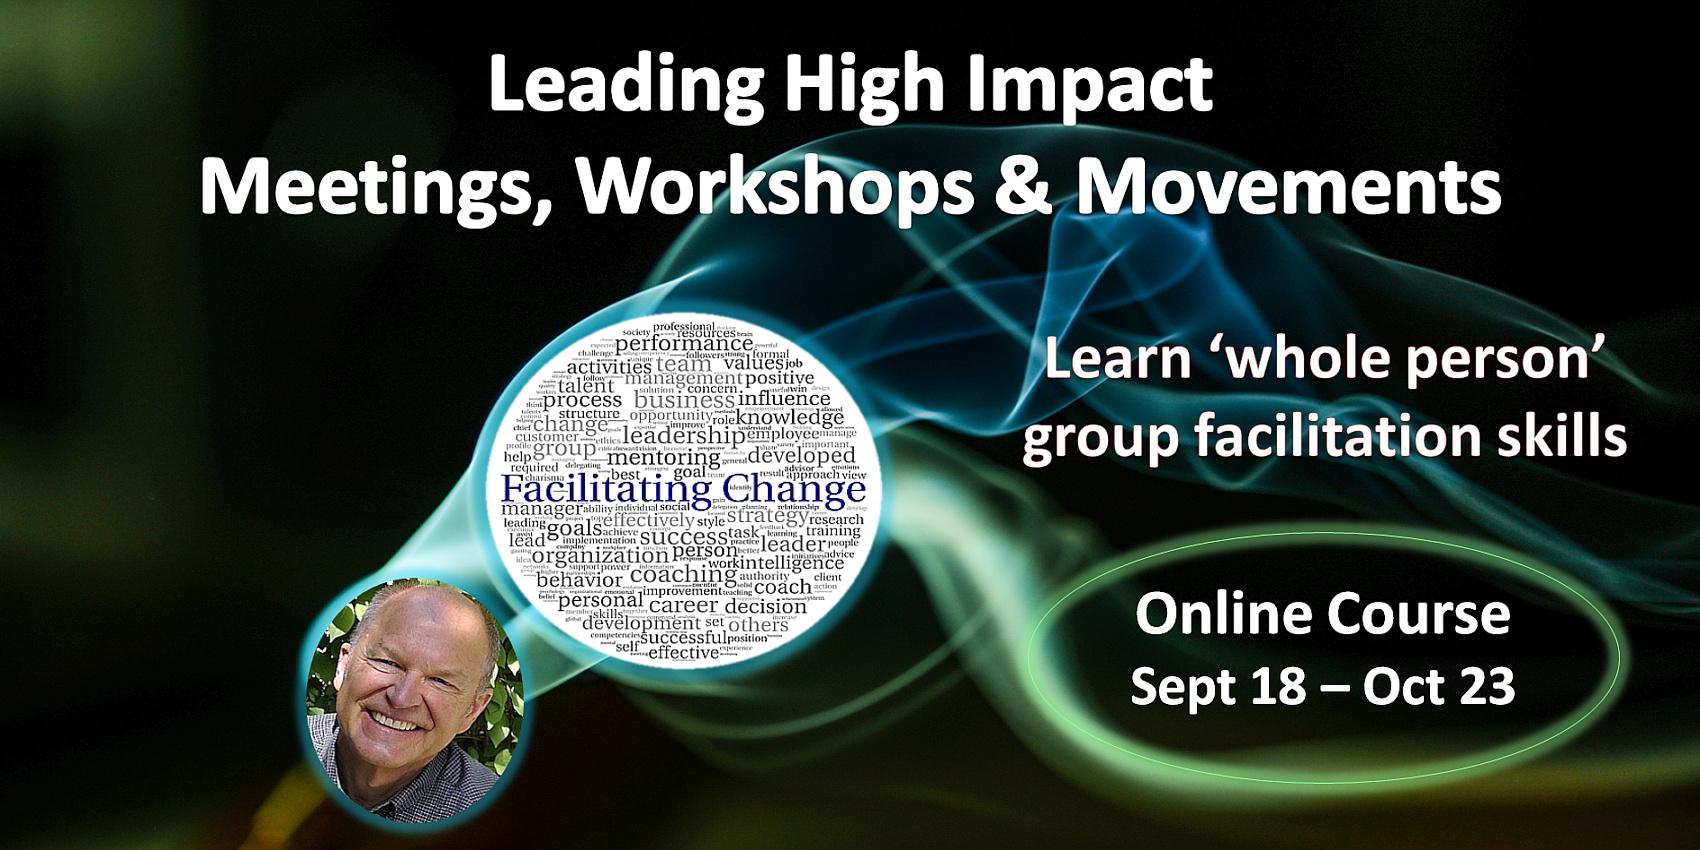 High Impact Meetings - Genuine Contact